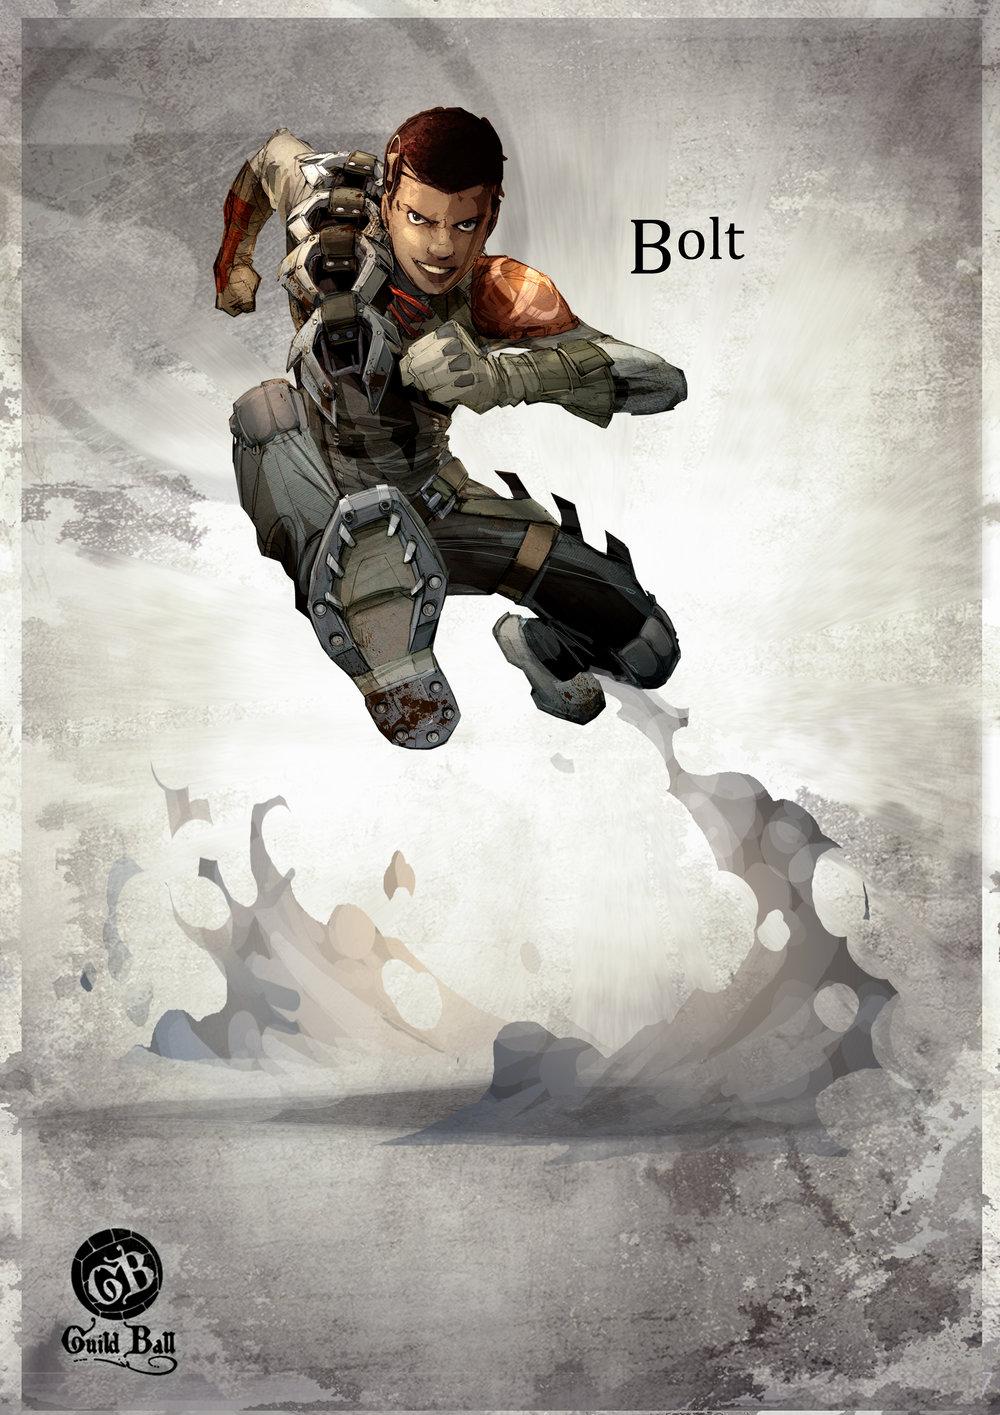 Bolt_02.jpg